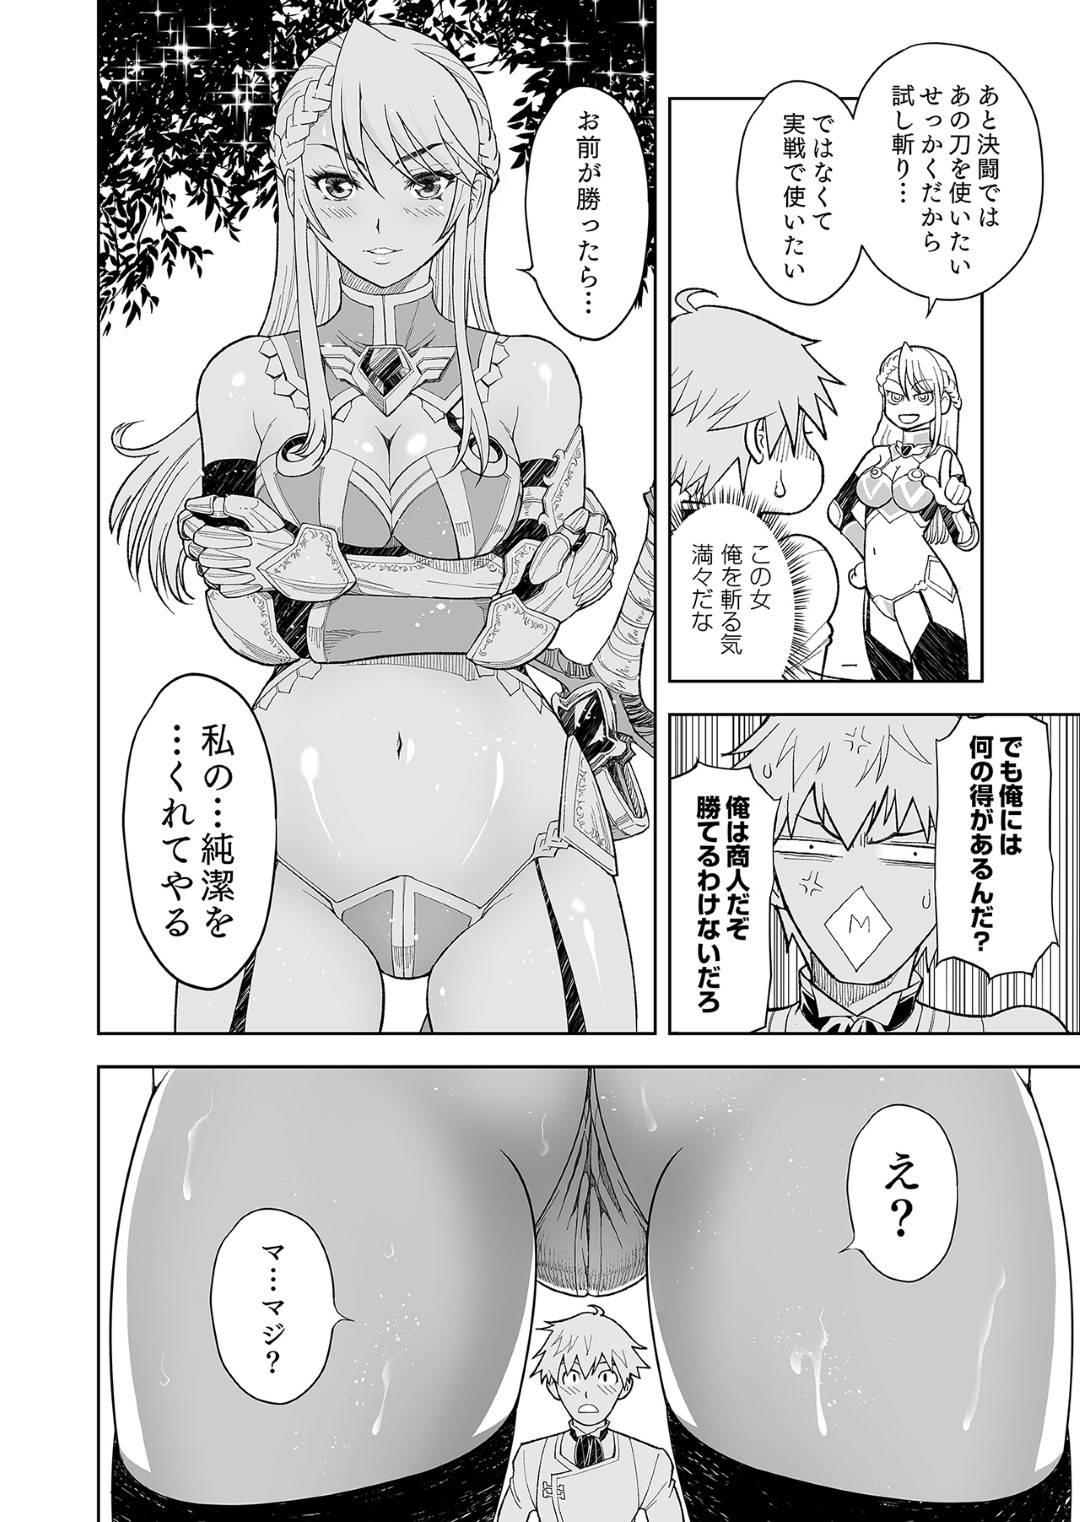 【女騎士エロ漫画】道中で女騎士と知り合った商人の主人公。彼女に青龍刀を売ることになるが、彼女はお金を持っておらず、青龍刀を賭けて決闘する事となる。勝つことのできた商人は彼女を好きにしていいとの事で野外でそのまま青姦。【リボルバー】